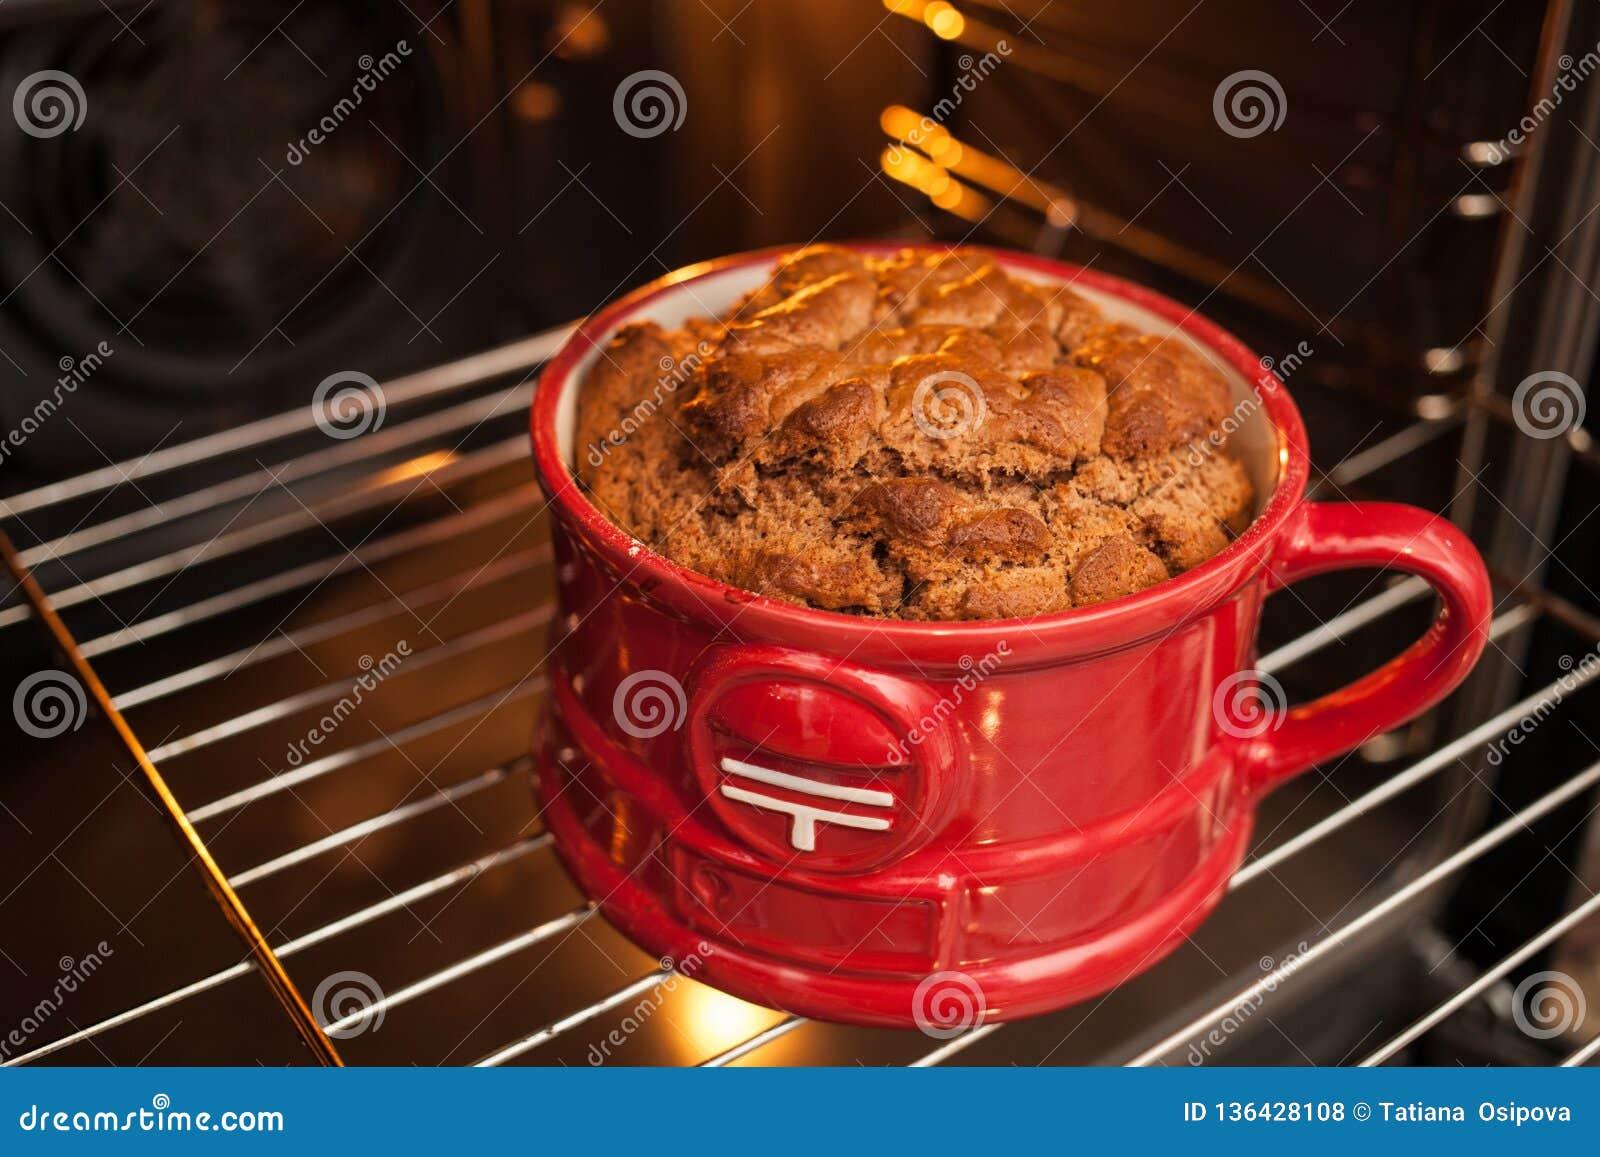 Κλείστε επάνω ένα μεγάλο πολύβλαστο κατακόκκινο mugcake σε μια κόκκινη κούπα που μαγειρεύεται στο φούρνο Μαγείρεμα και cupcake ρε